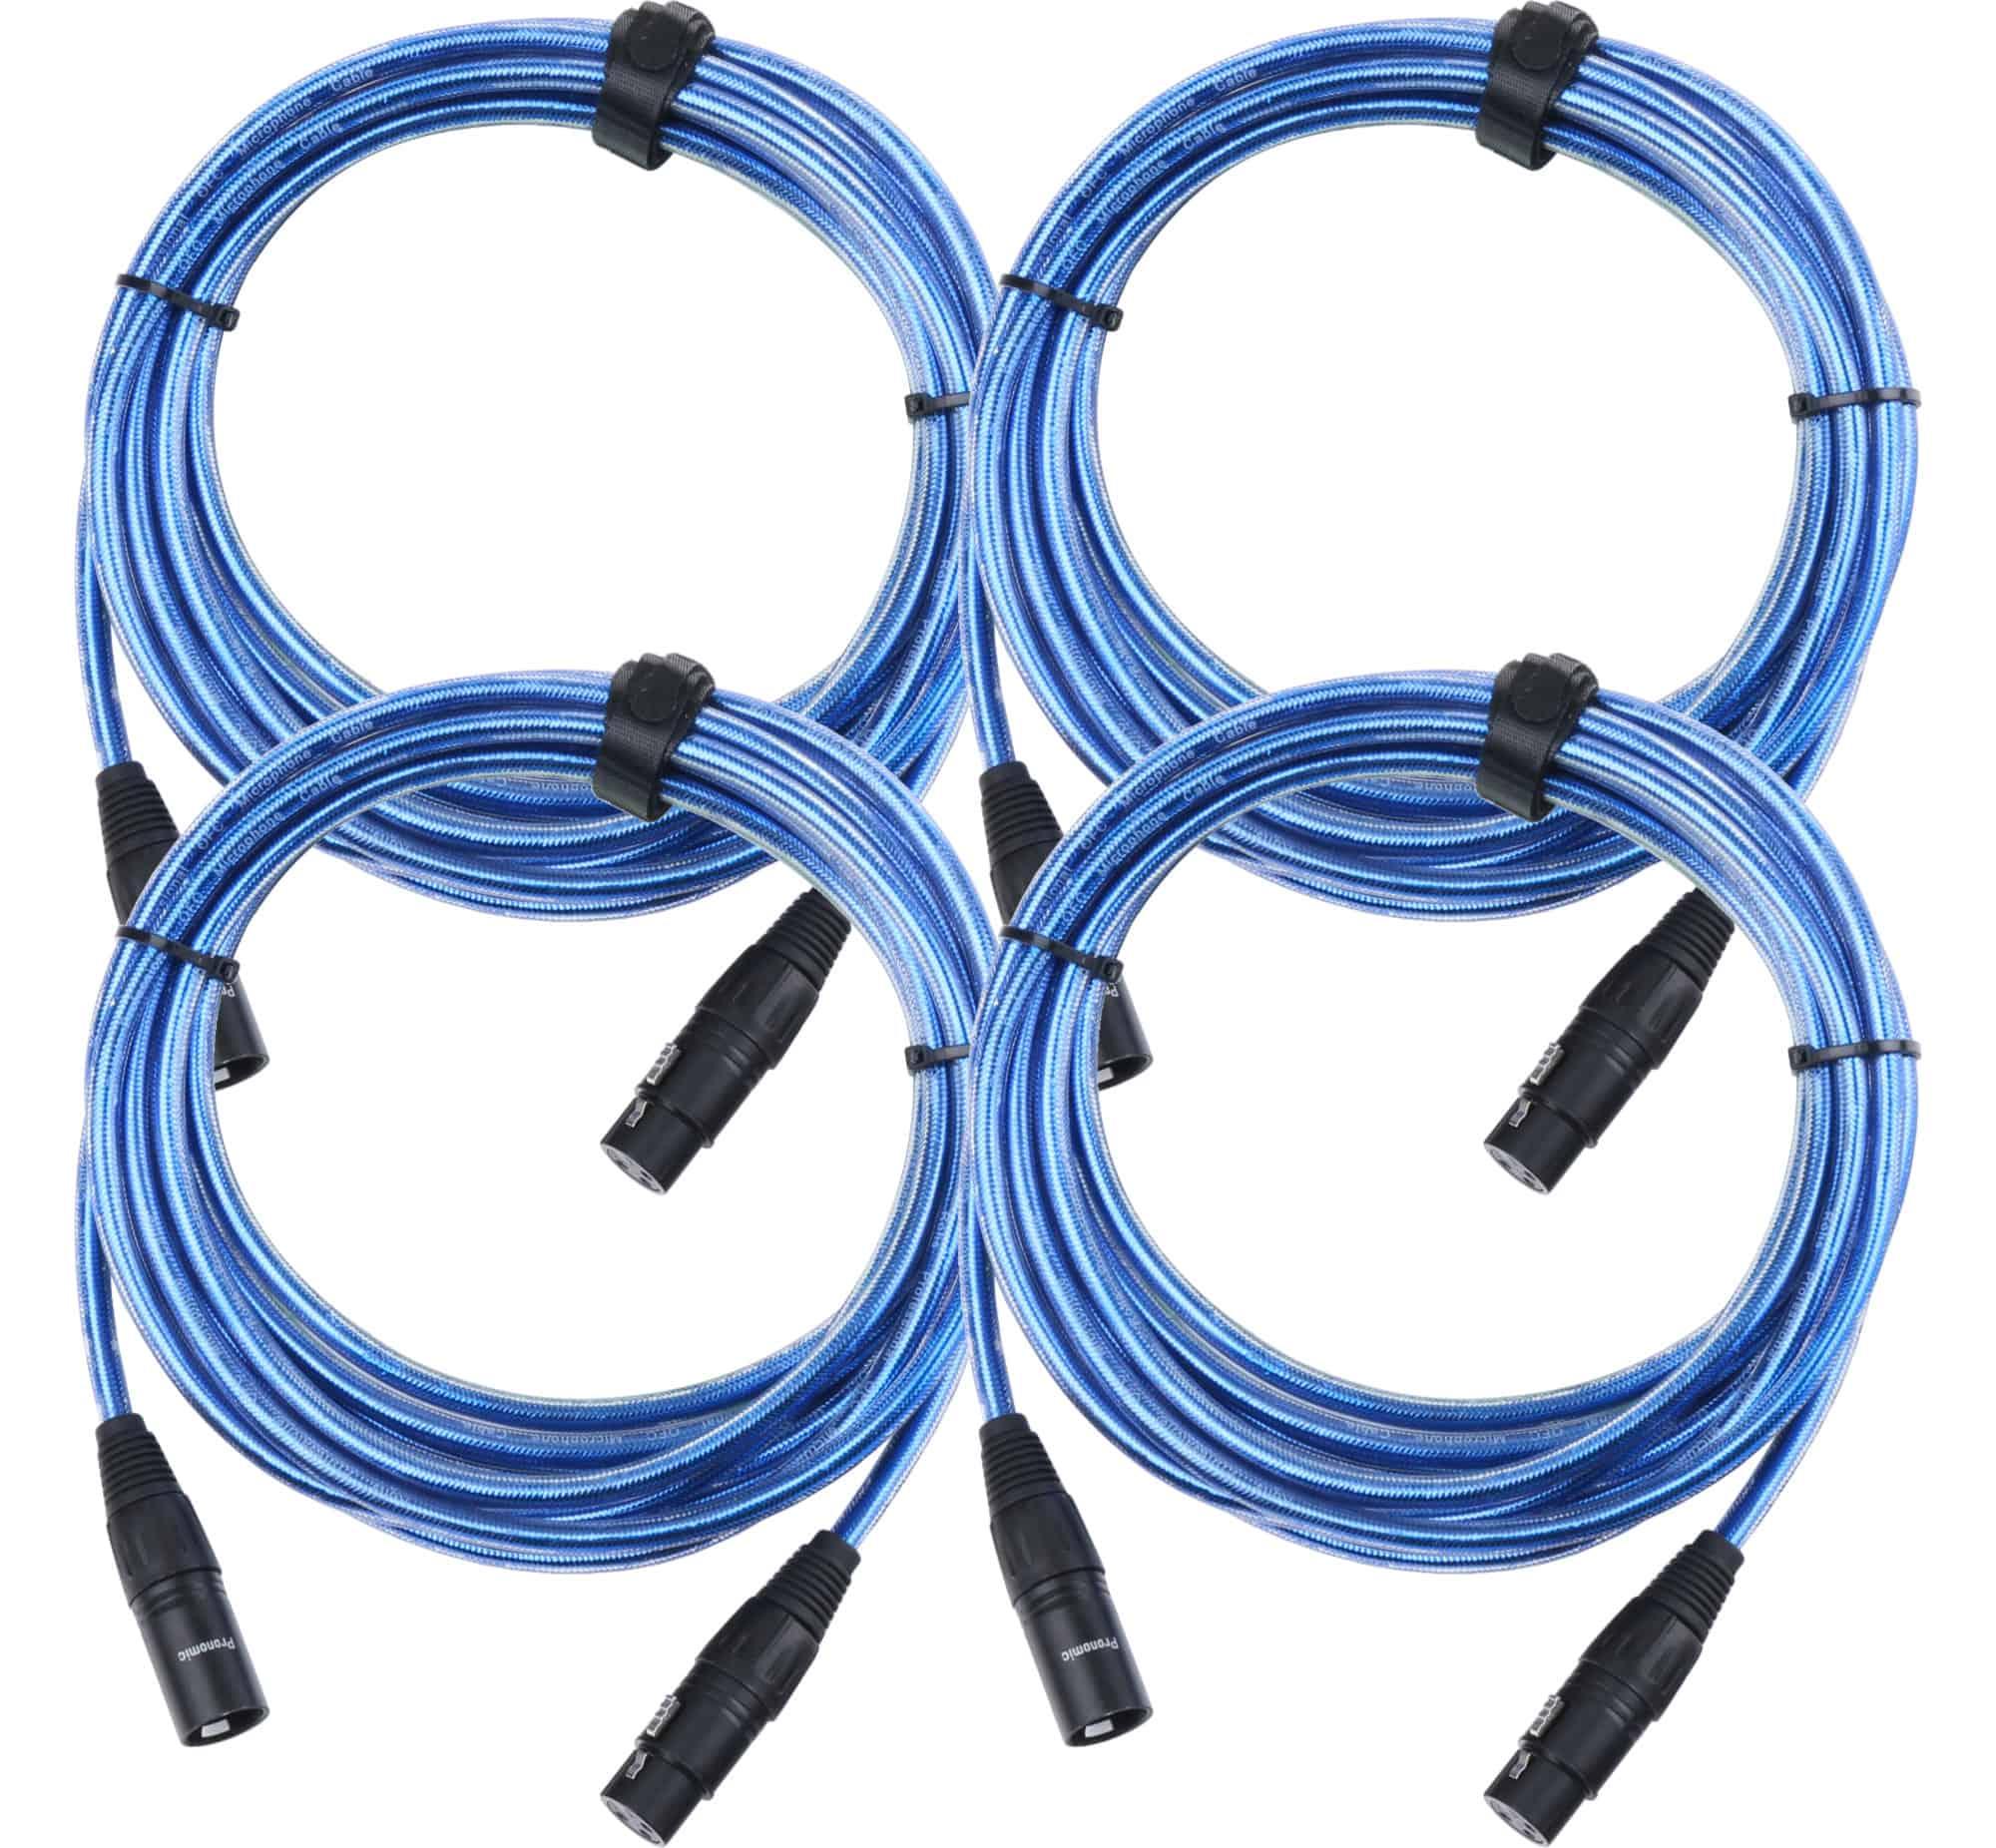 4er Set Pronomic Stage XFXM Blue 5 Mikrofonkabel XLR 5 m Metallic Blue